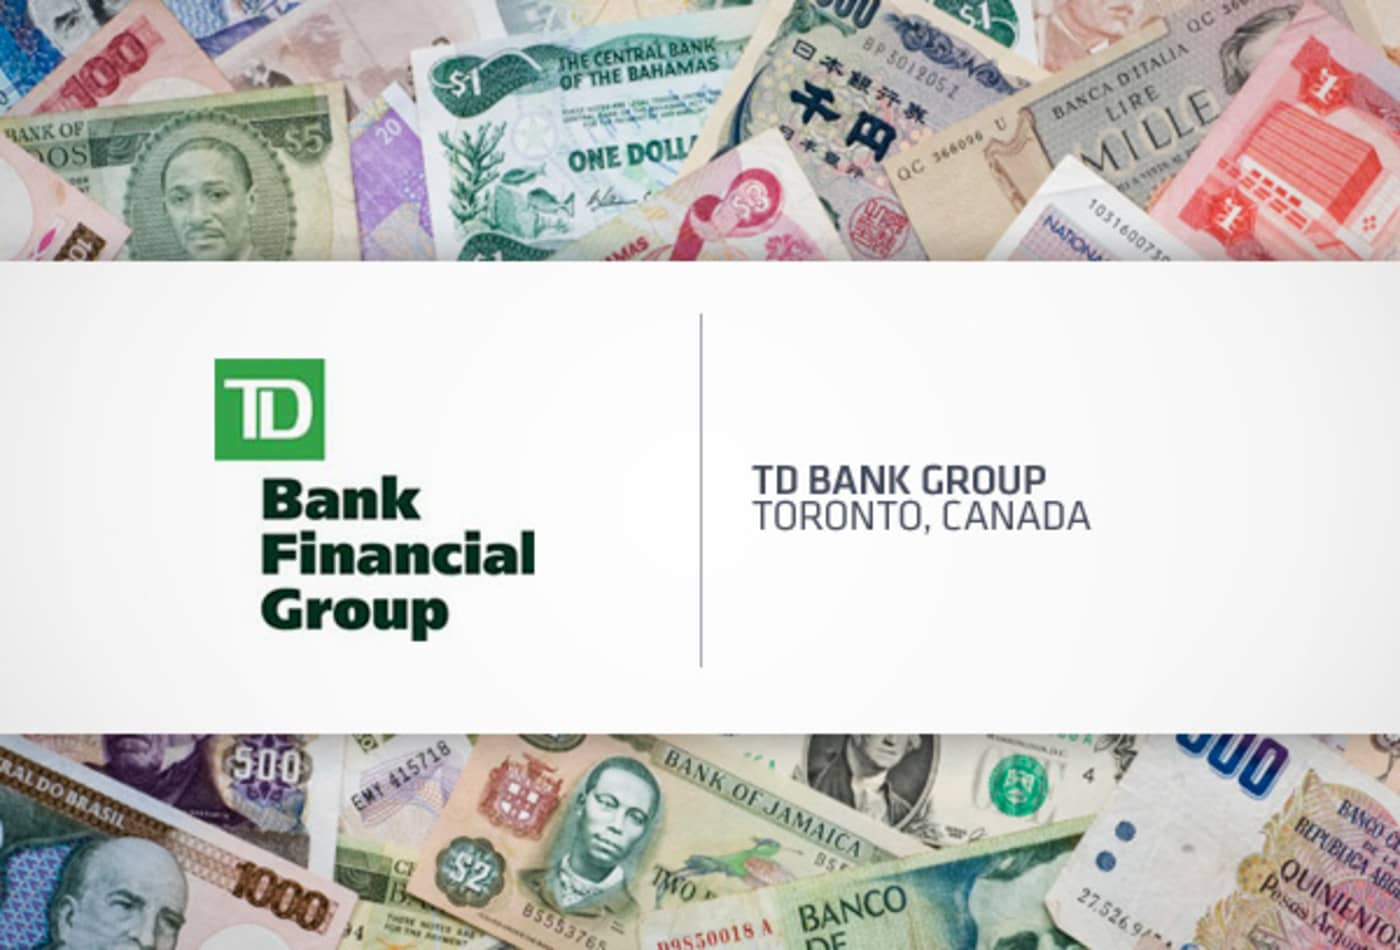 48679706 SS-Safest-Banks-td-bank-group-canada12.jpg